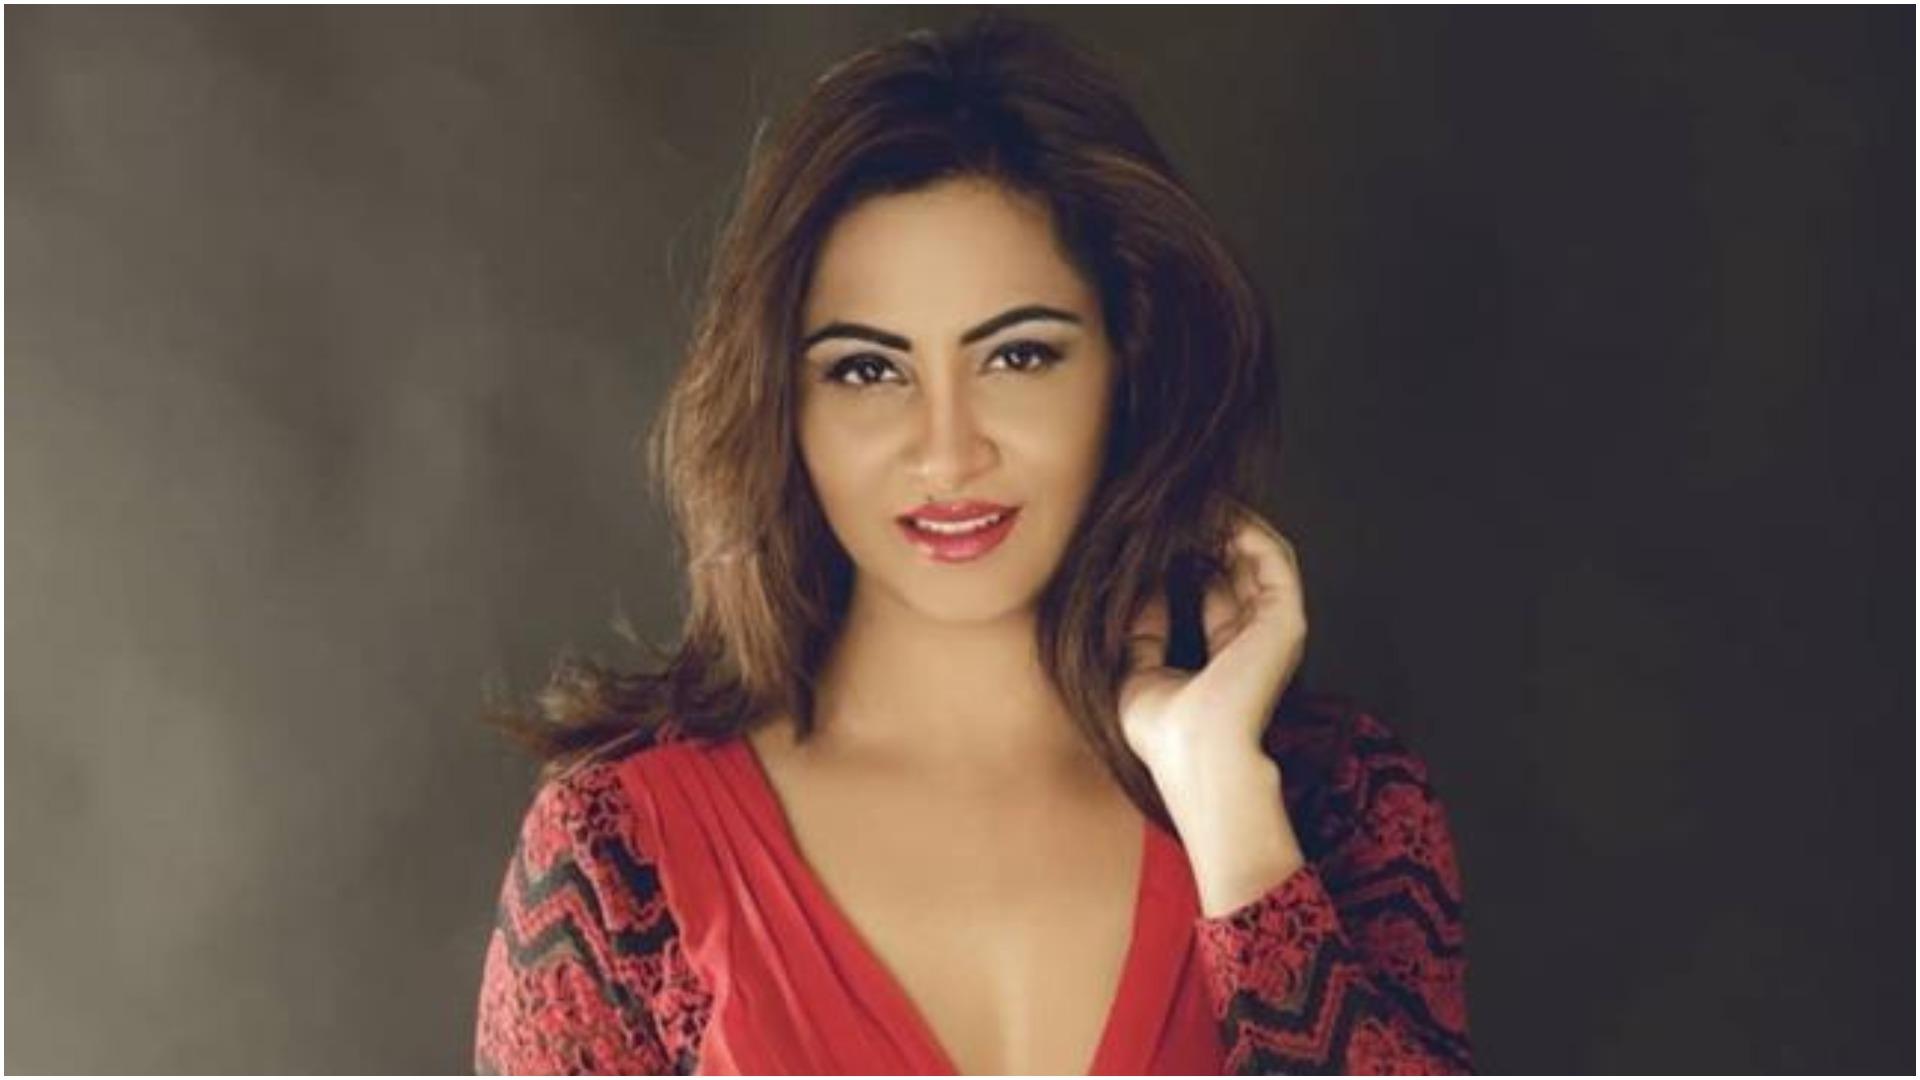 अर्शी खान एक्सक्लूसिव: महिलाएं ही महिलाओं को कम समझती हैं, इमोशनली ब्लैकमेल हो जाती हैं शिल्पा शिंदे